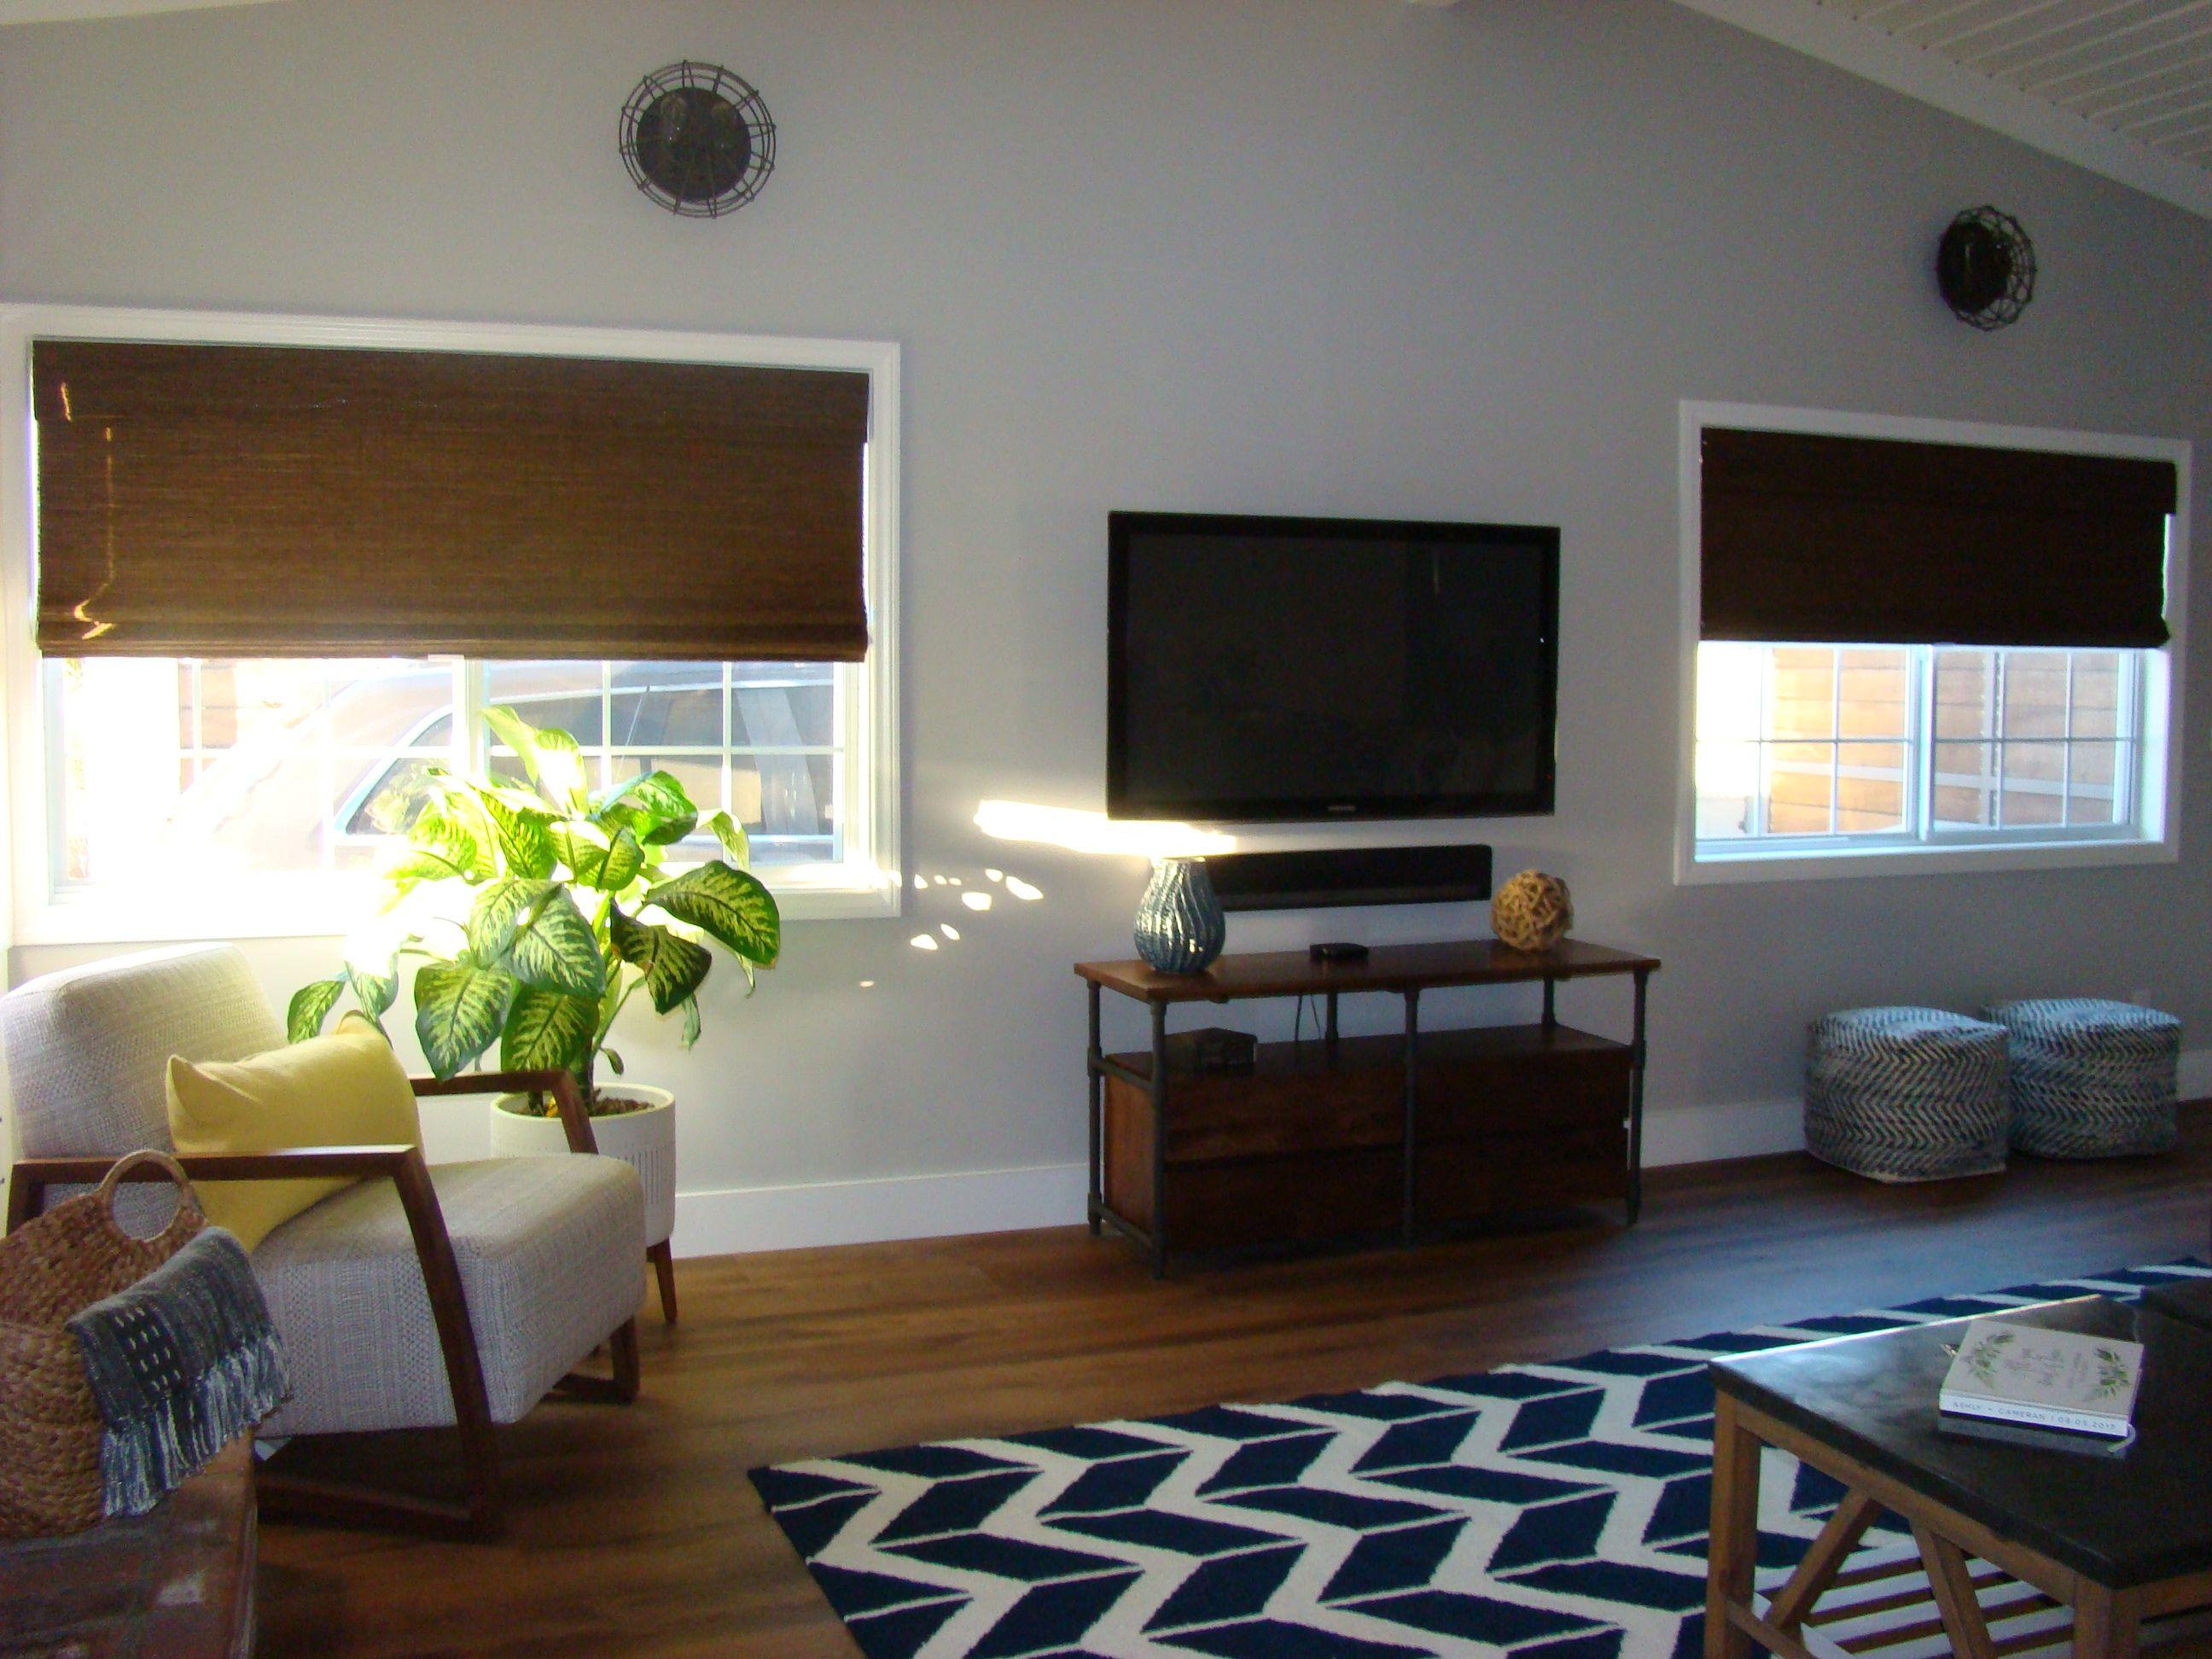 Esigningdivas Architecture Design Designers Home Decor Interiors Interior Orange County Redesign Remodel Transformation